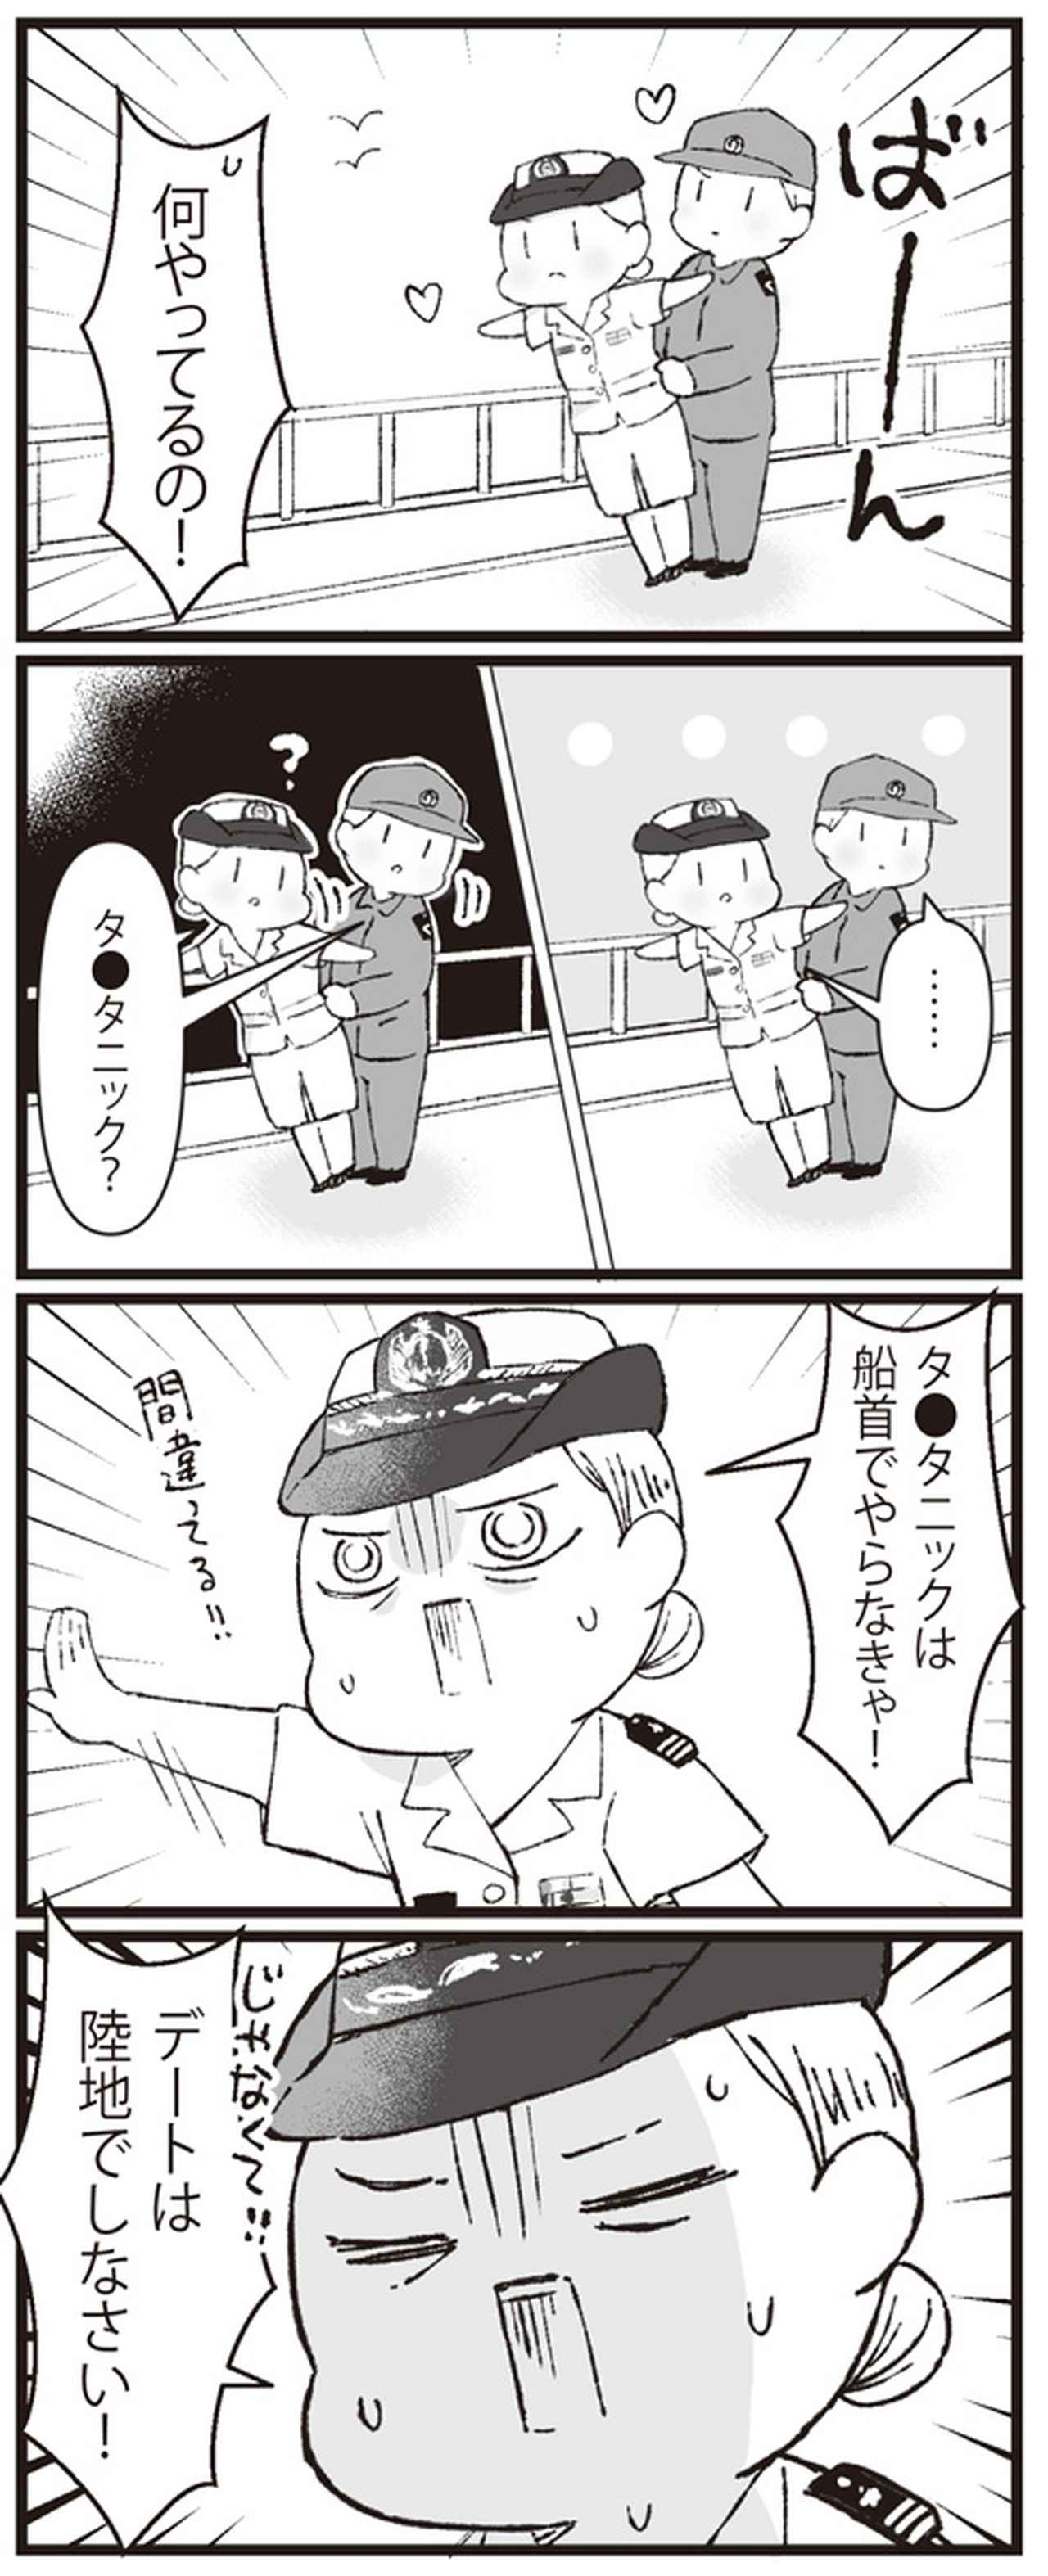 画像2: 【マンガ】女性自衛官あるある「隊員同士のデートは●●で」